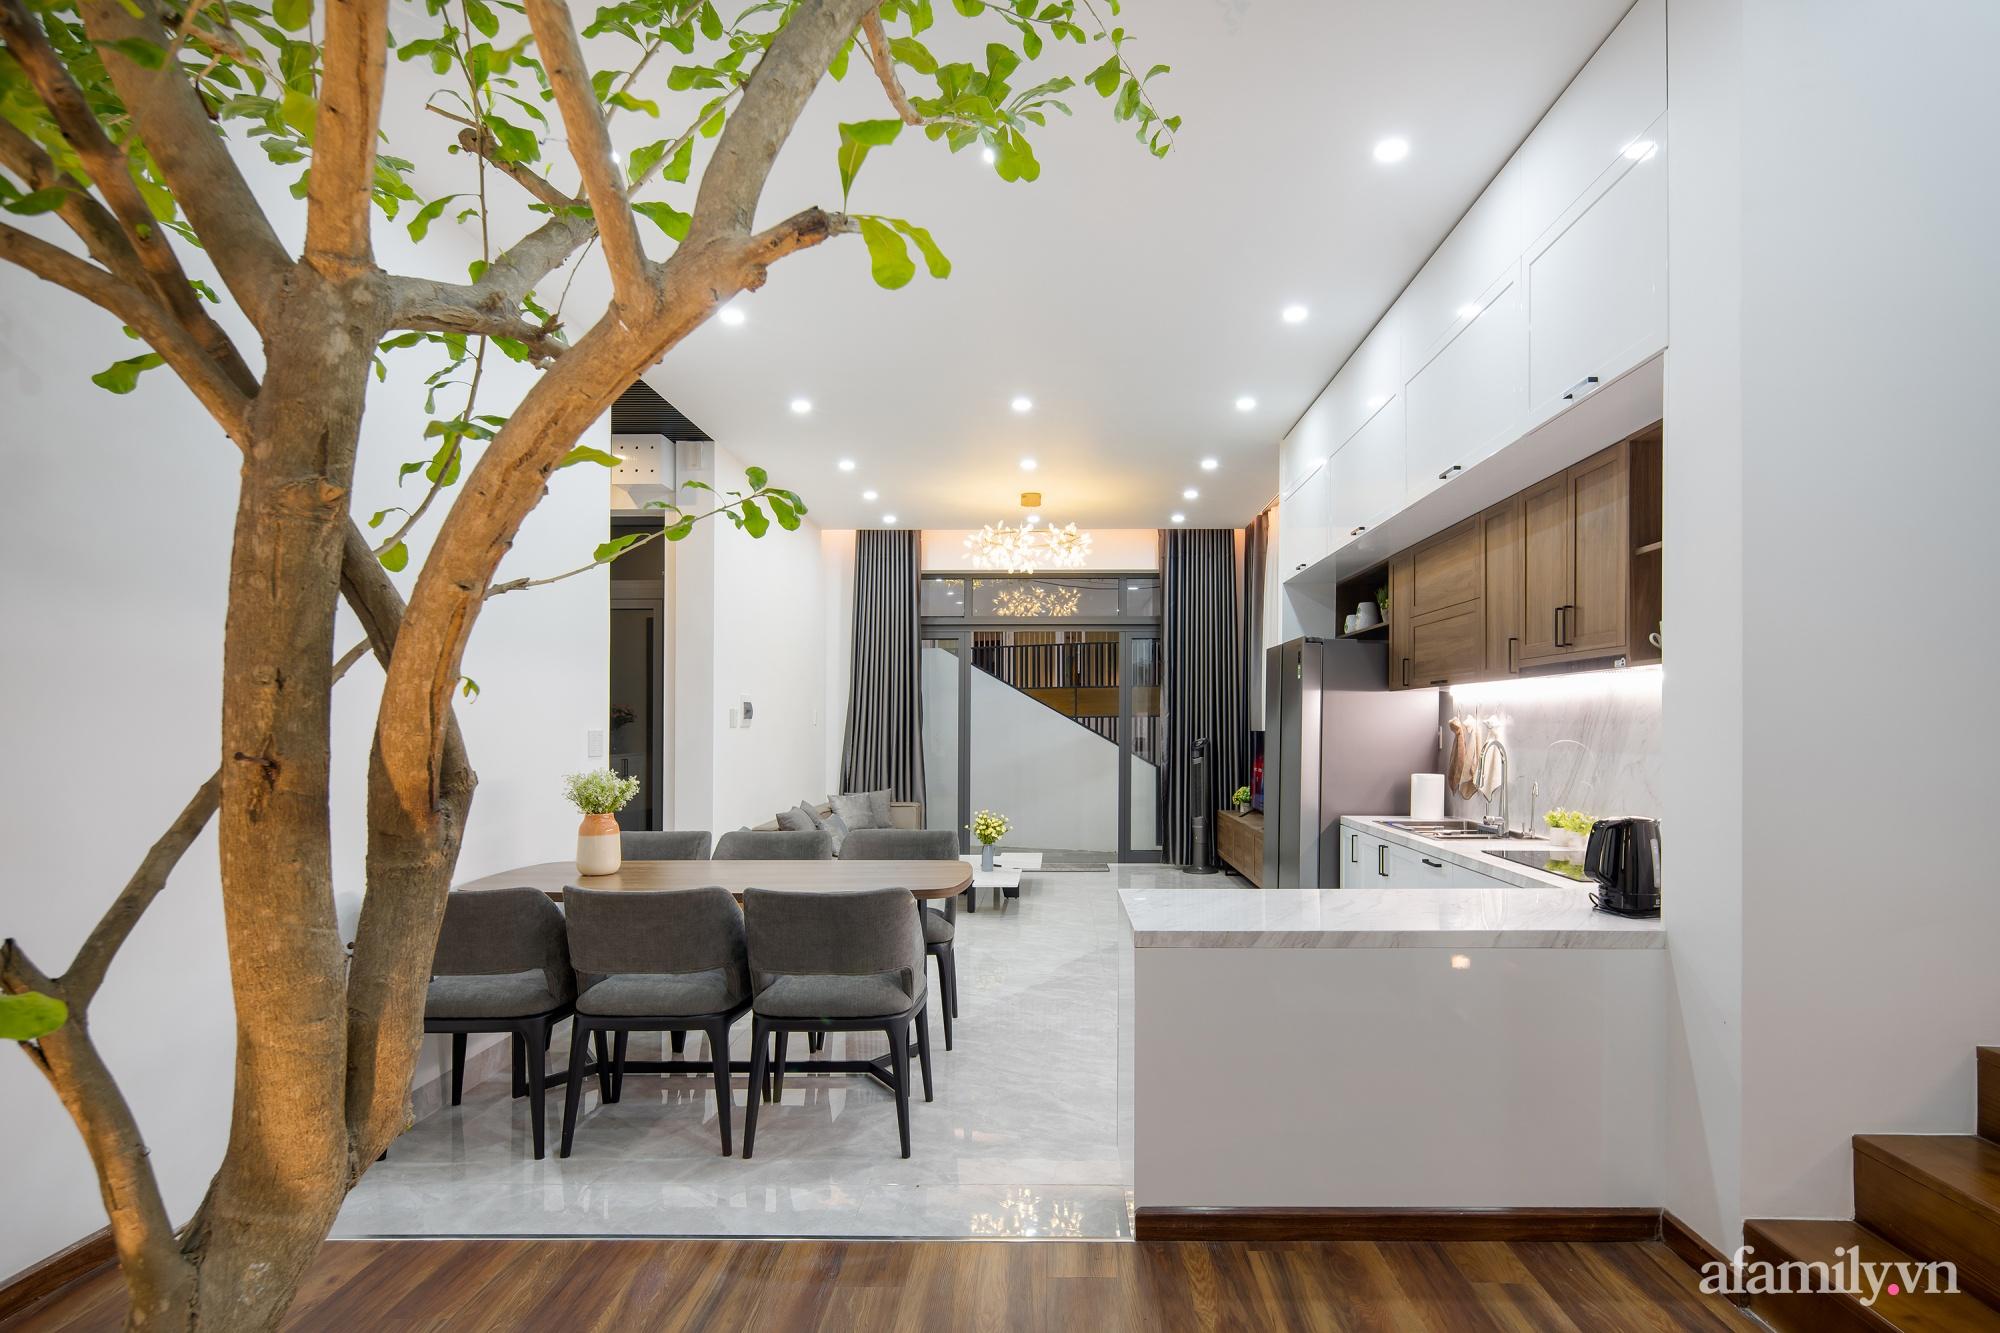 Nhà trong hẻm nhỏ vẫn ngập tràn ánh sáng, duyên dáng với nội thất tối giản ở Đà Nẵng - Ảnh 10.